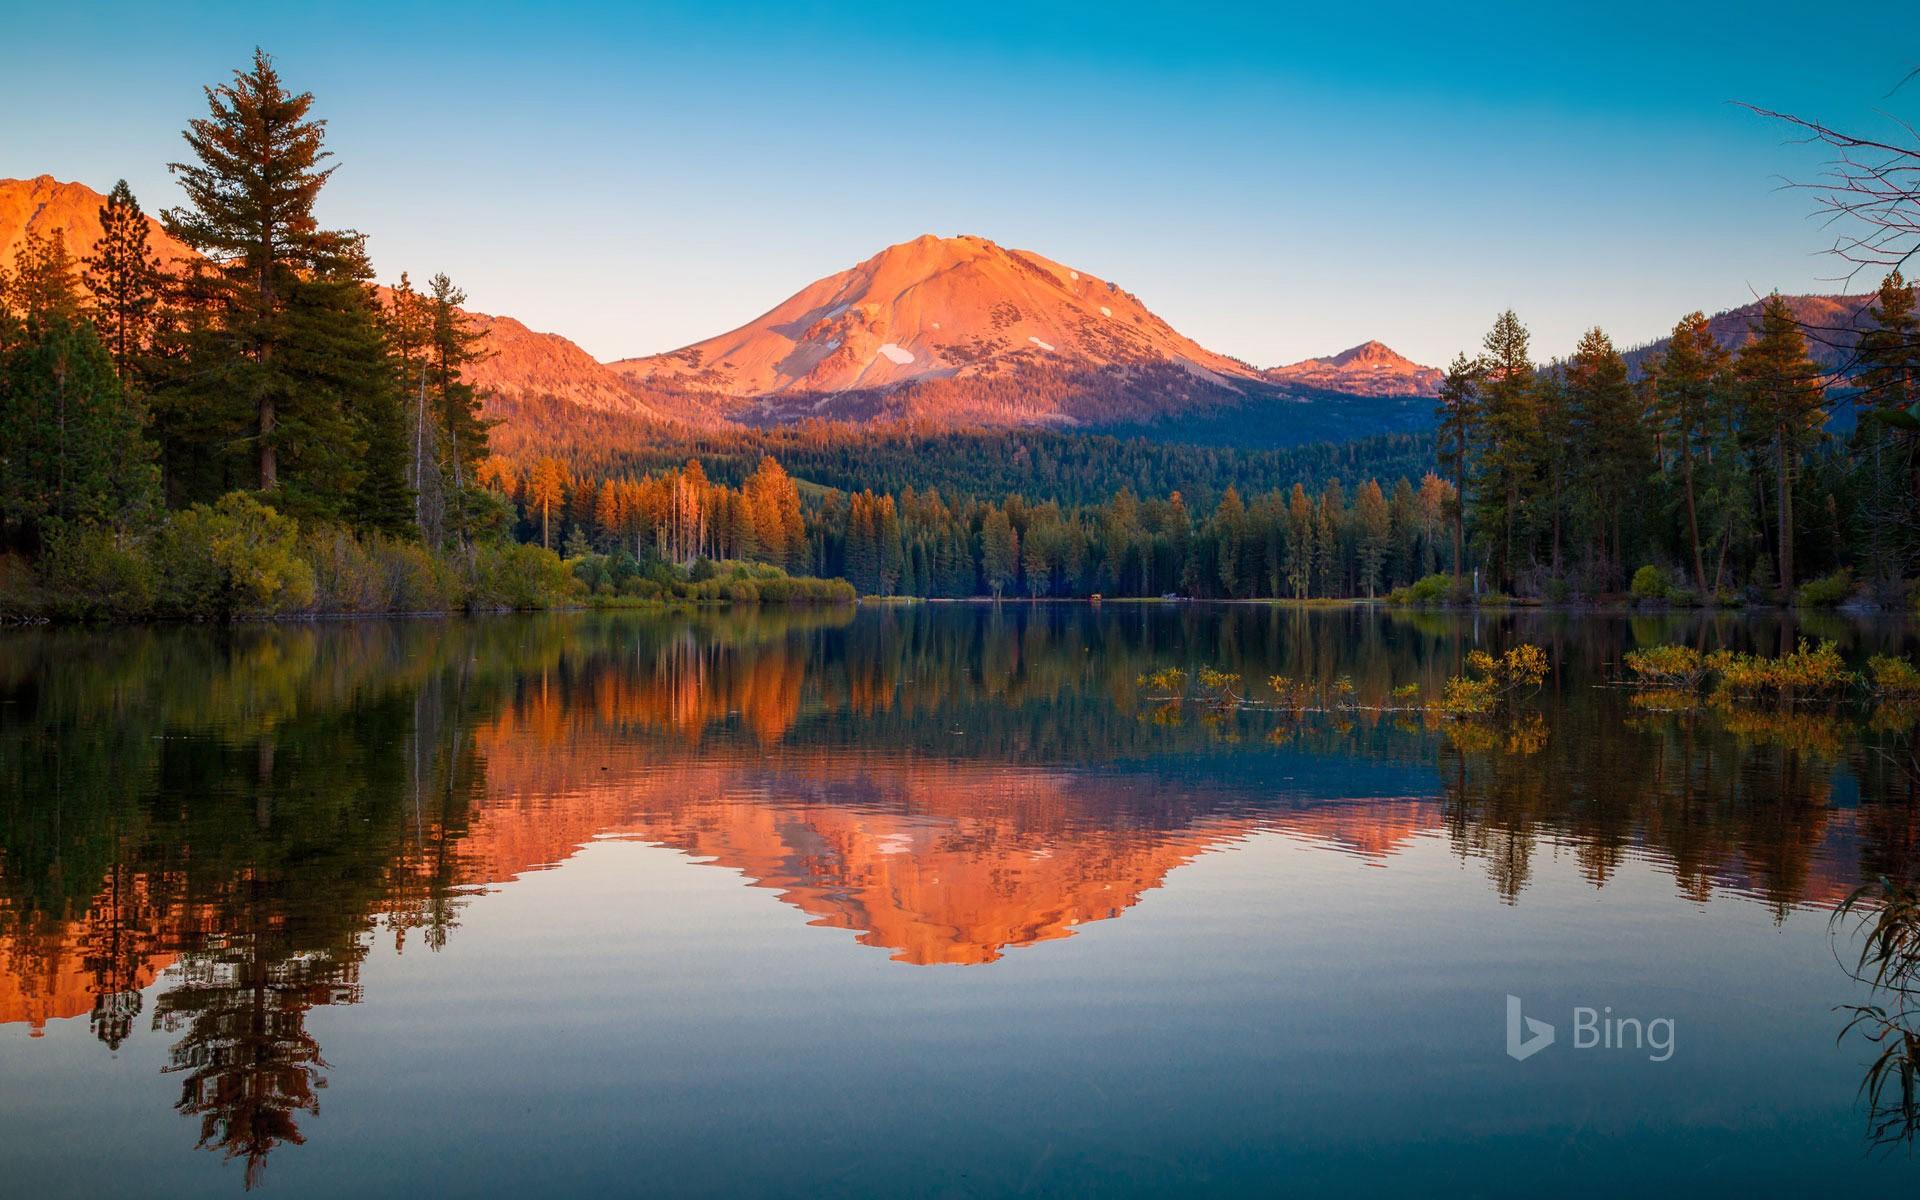 lassen volcanic national park lassen peak